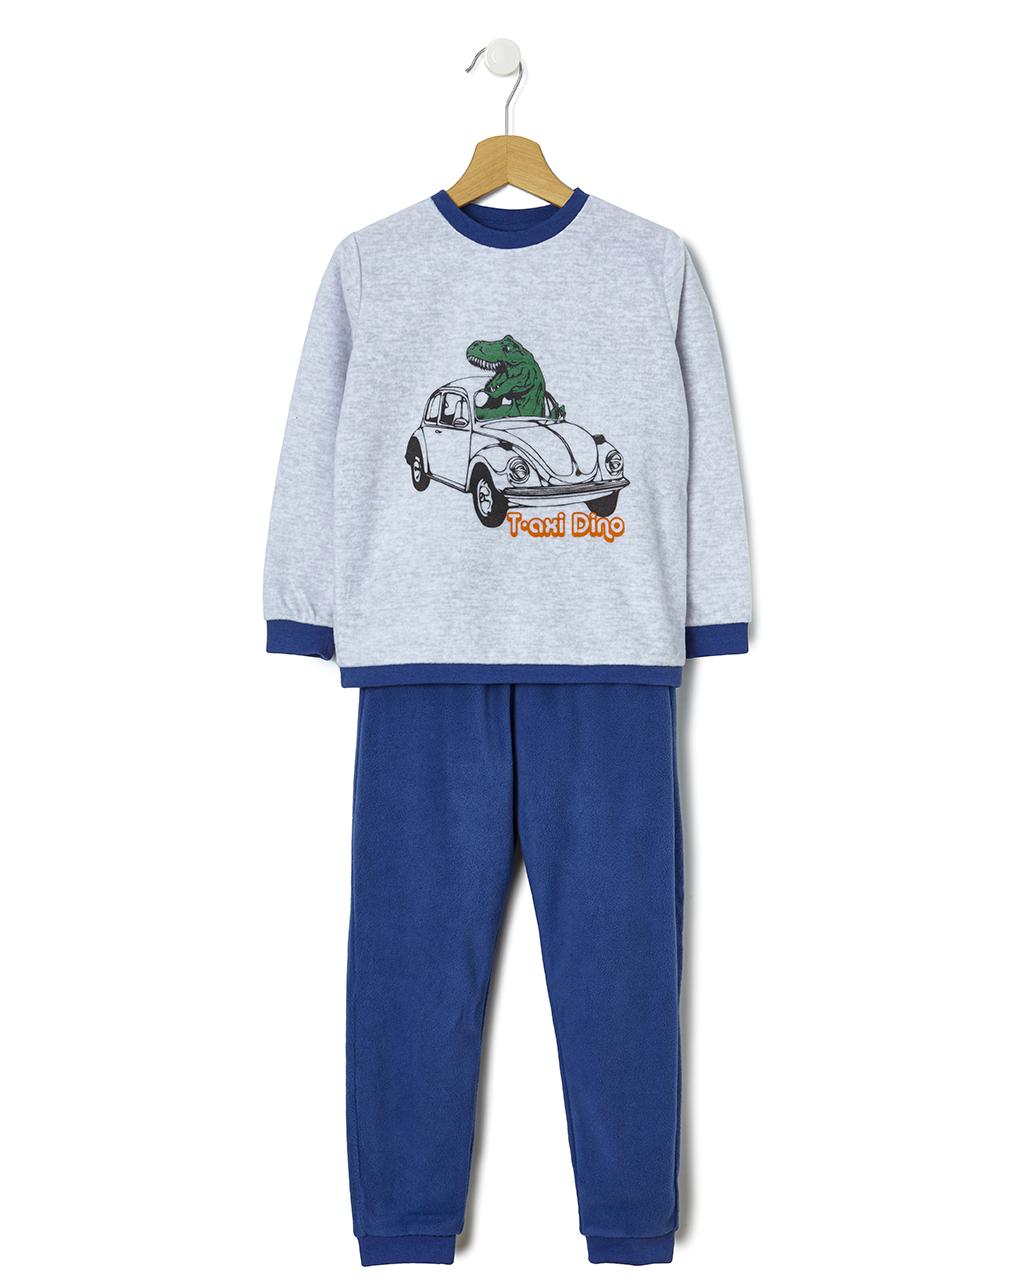 Πιτζάμα fleece με Δεινόσαυρο για Αγόρι